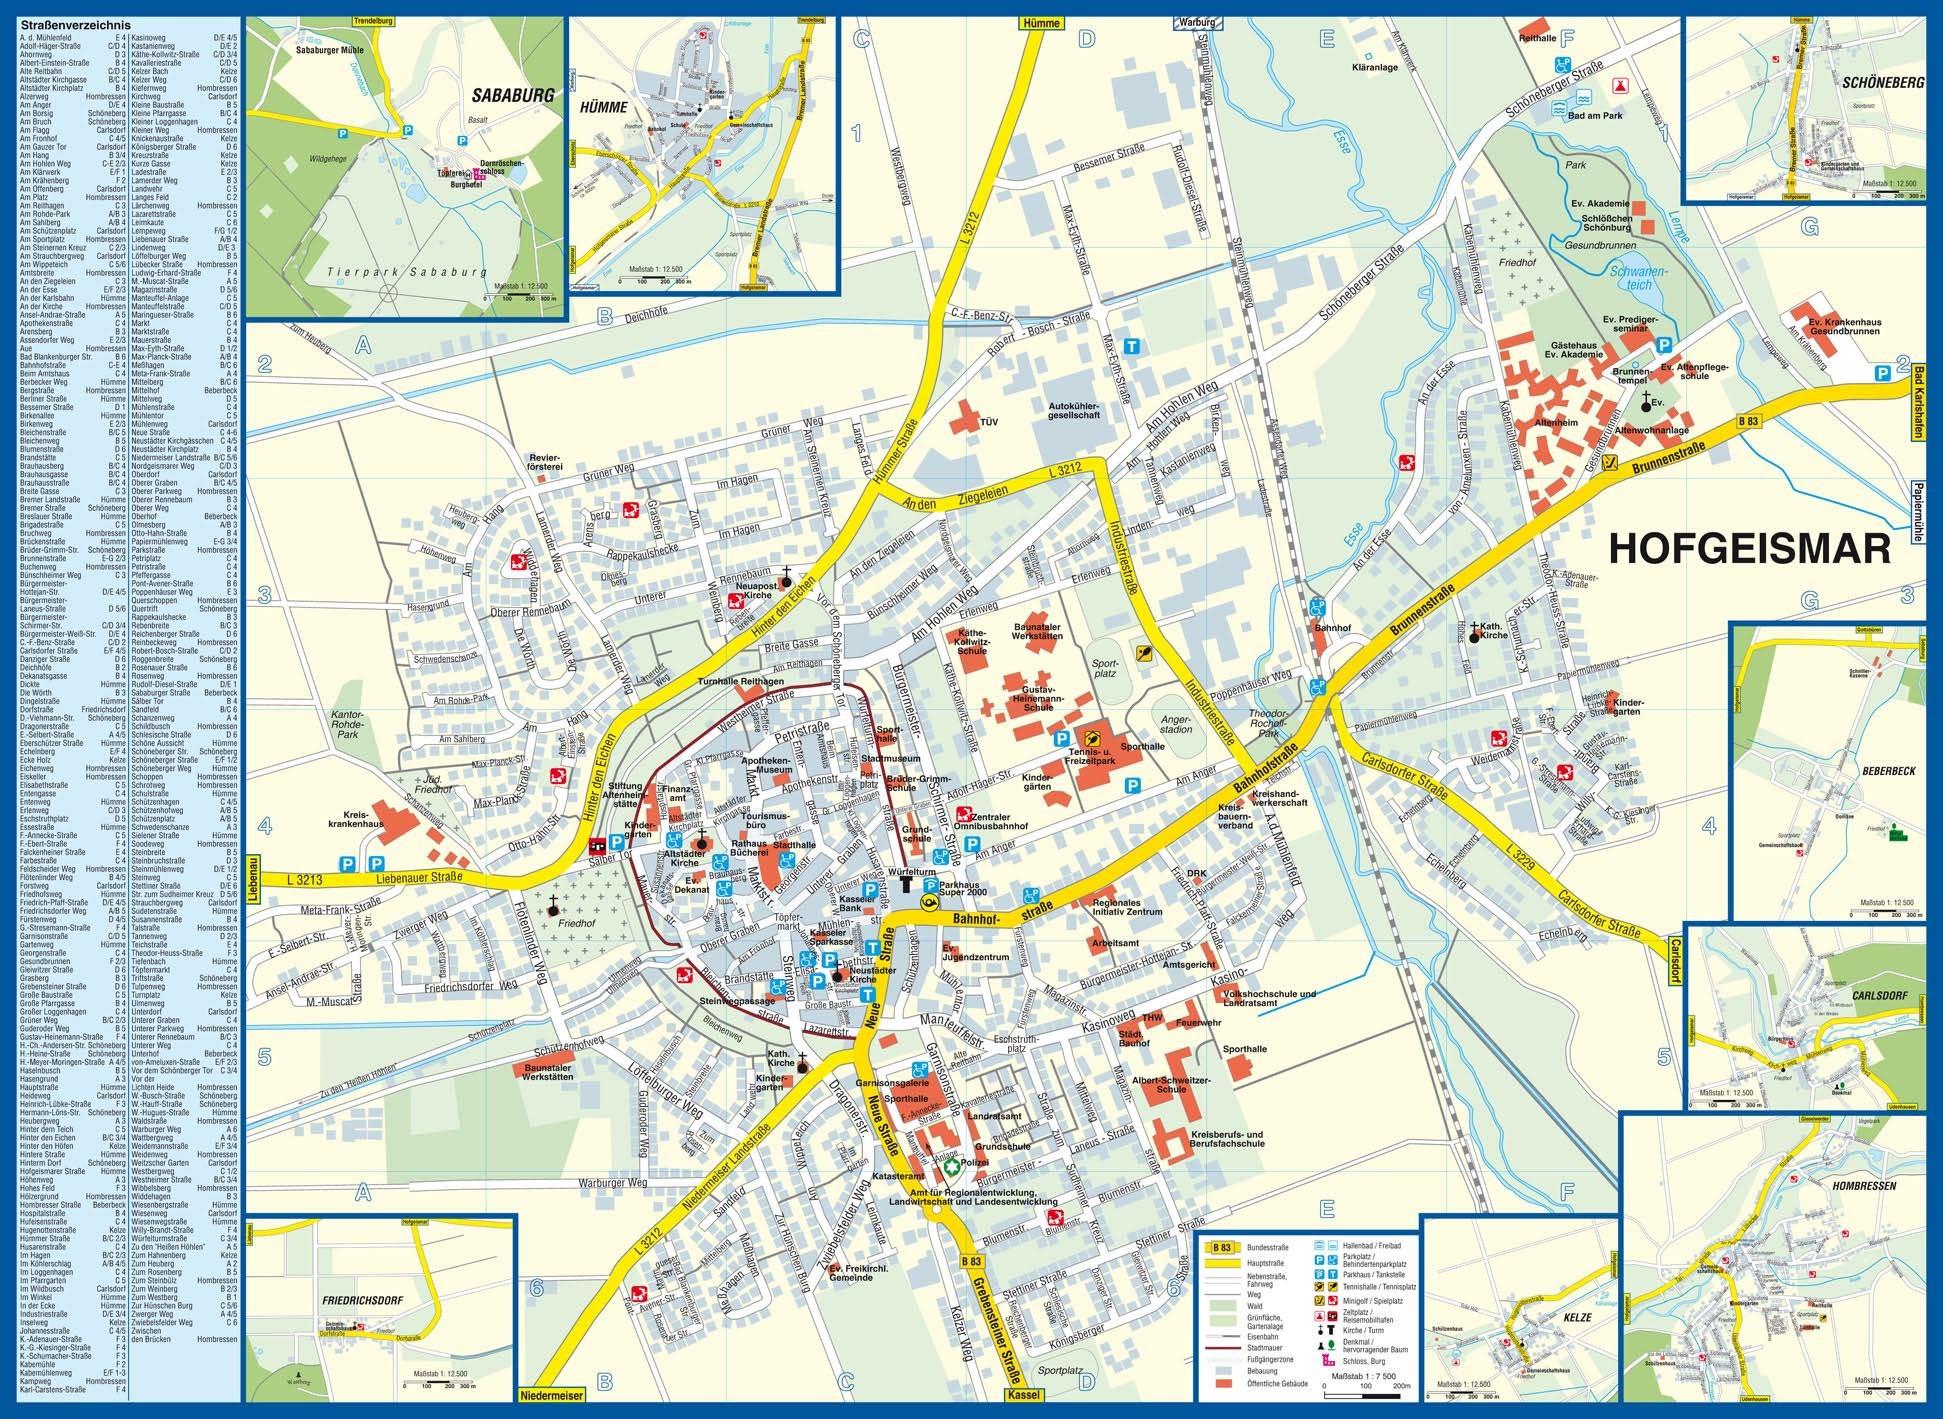 Stadtplan | Hofgeismar - Dornröschenstadt am Reinhardswald